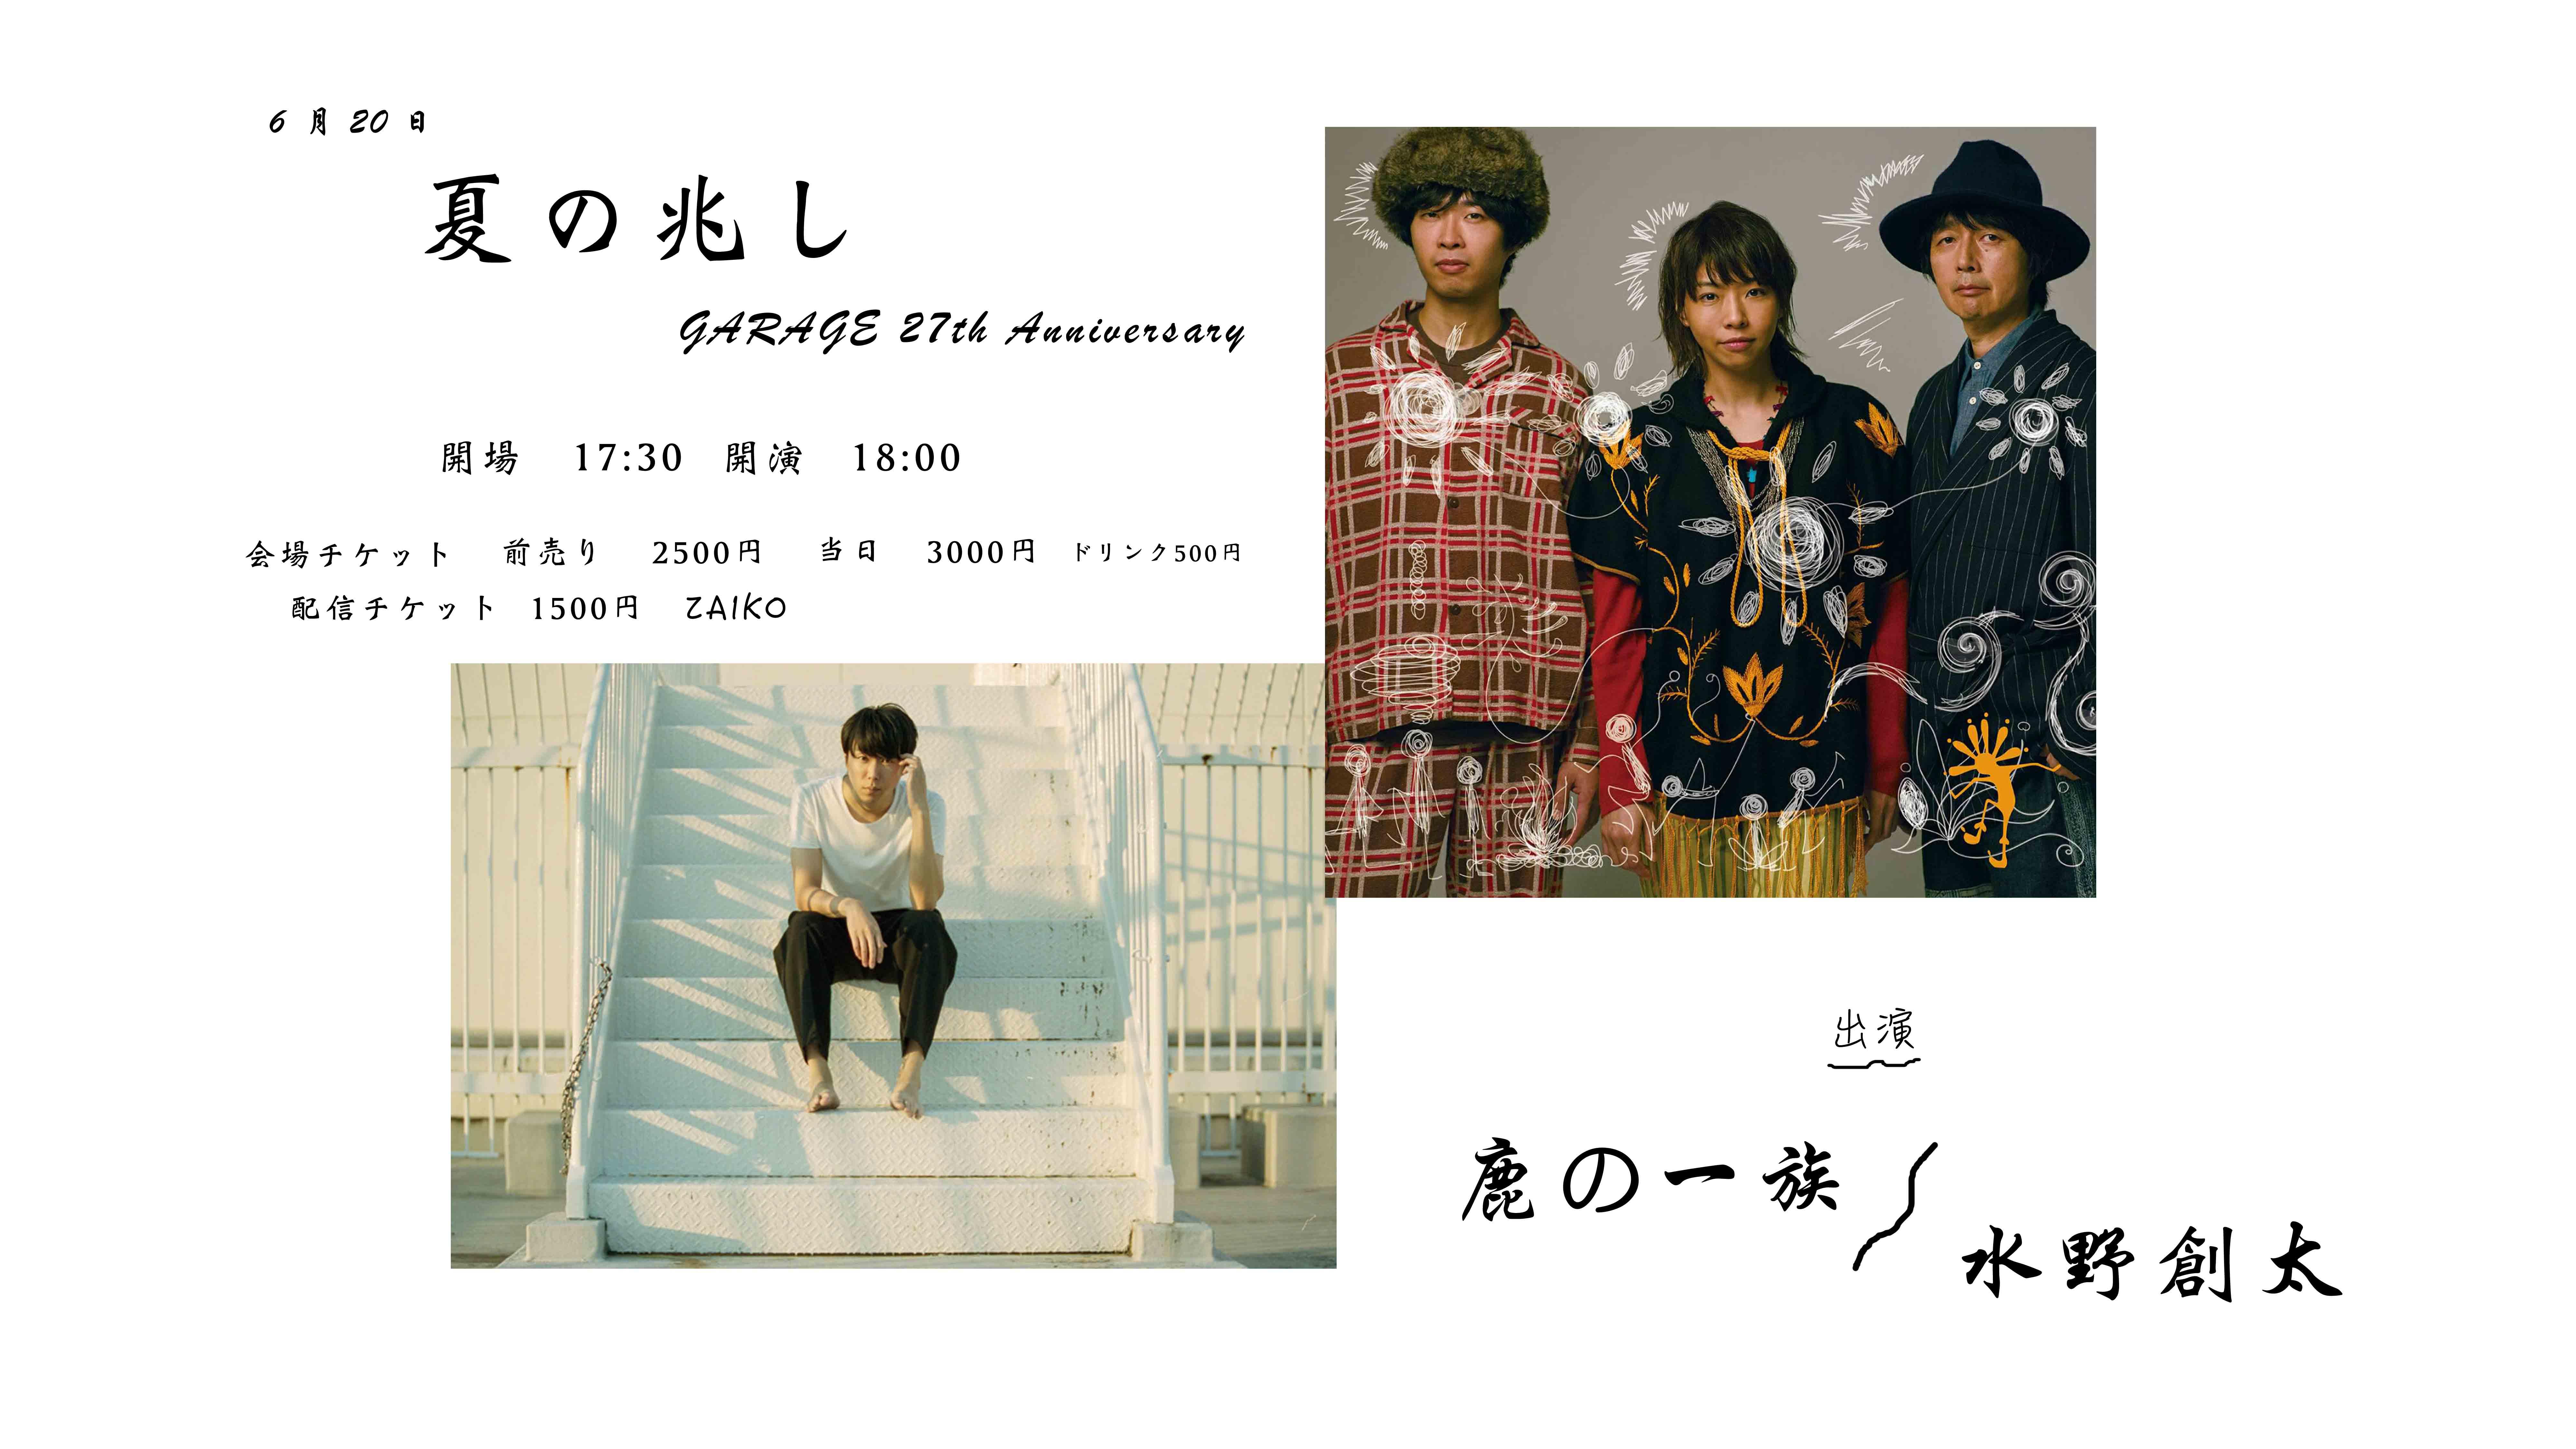 """"""" 夏の兆し """" GARAGE 27th Anniversary"""